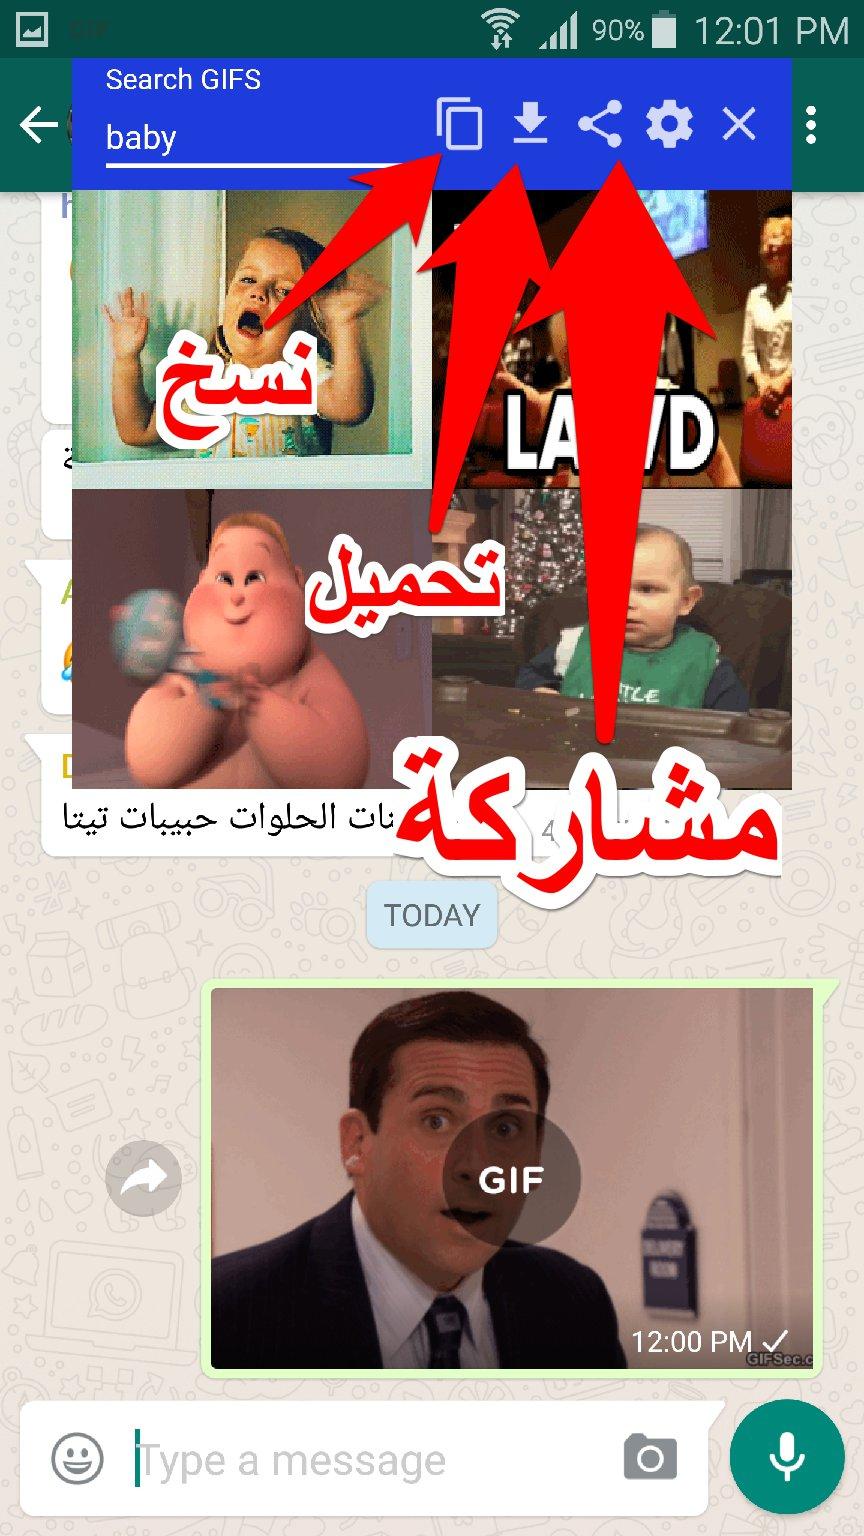 تطبيق GIF Share Overlay لمشاركة الصور المتحركة بسهولة على اي تطبيق | بحرية درويد